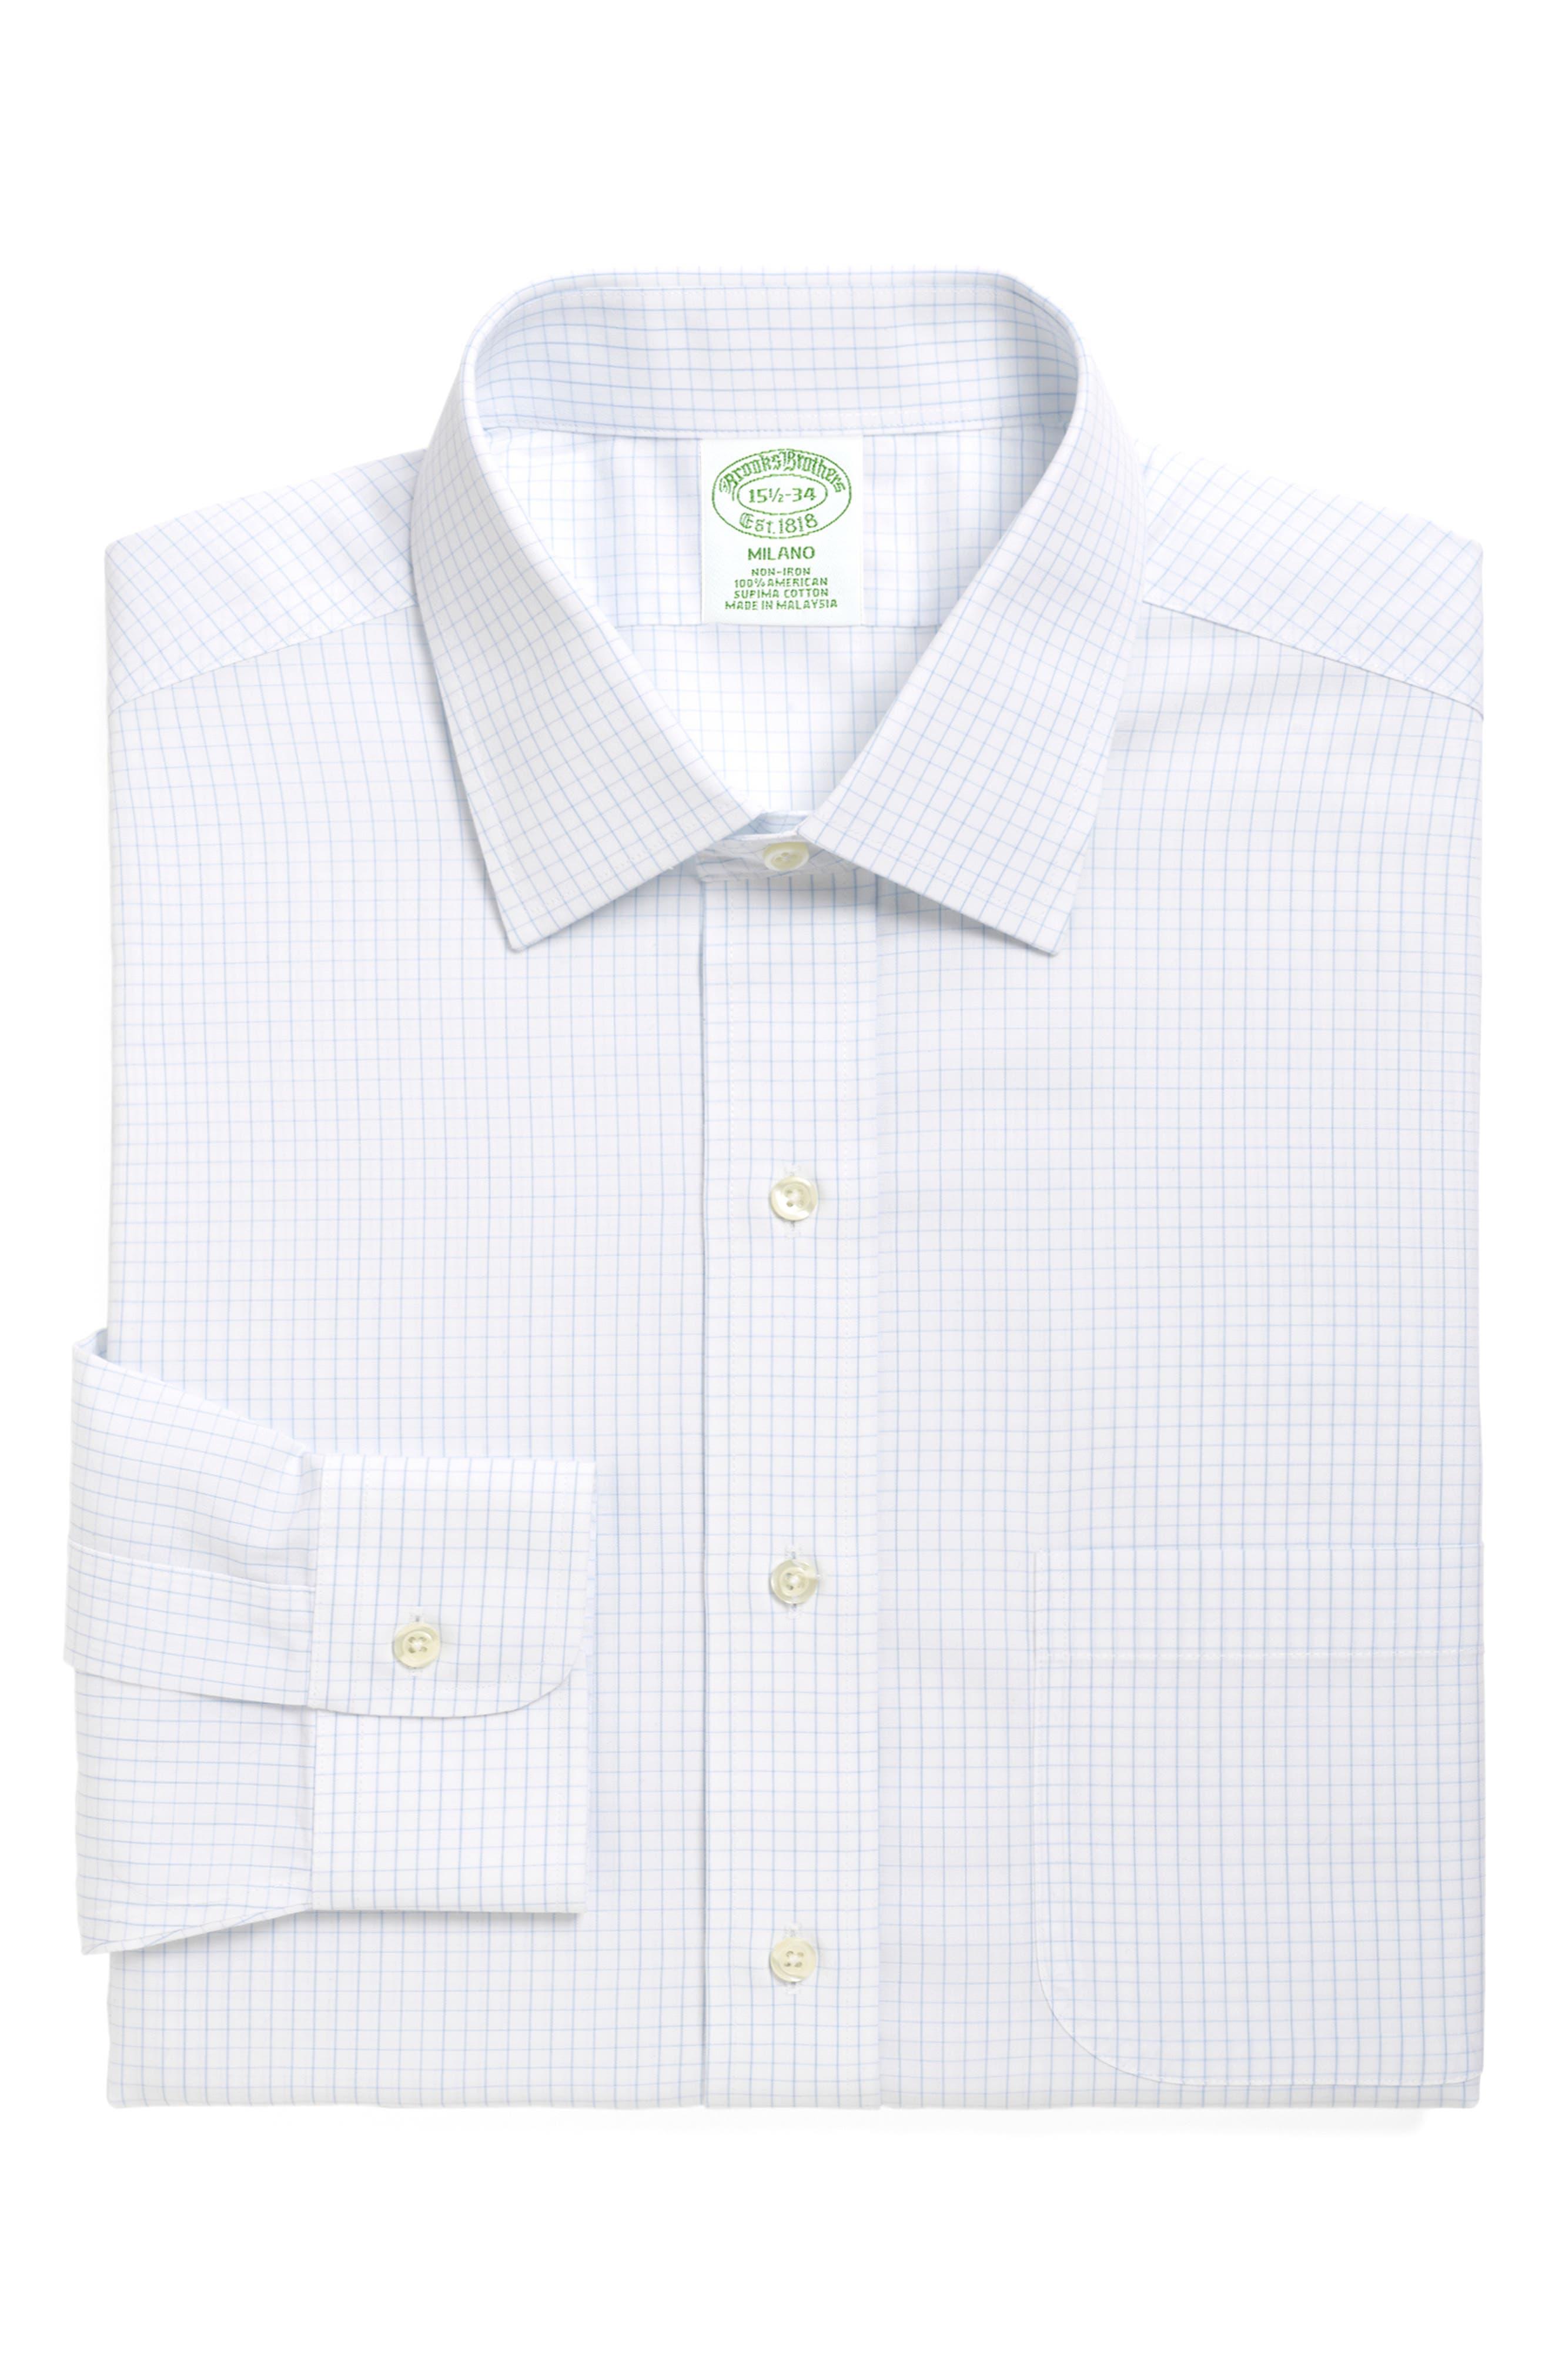 Trim Fit Check Dress Shirt,                             Main thumbnail 1, color,                             LIGHT/ PASTEL BLUE